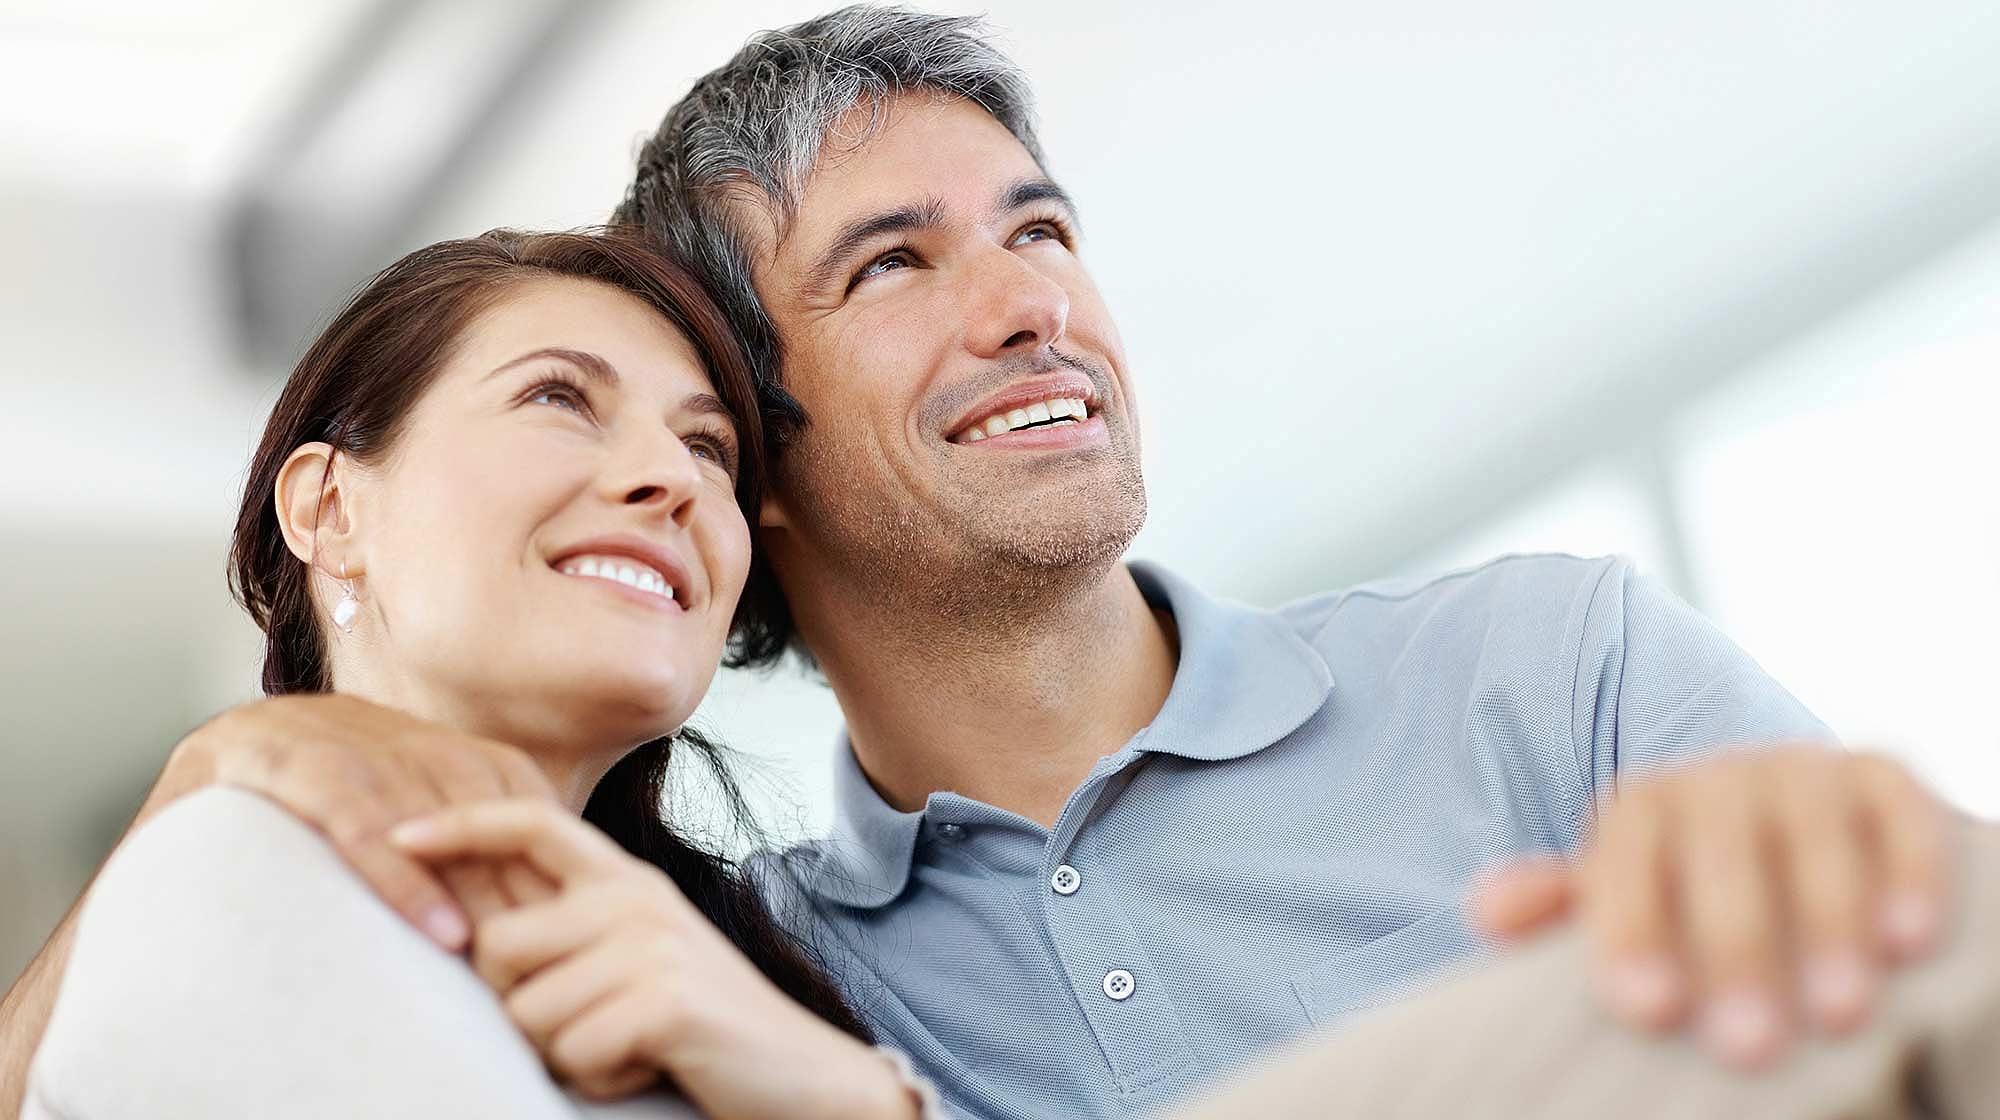 Что должны знать зрелые мужчины о женщинах